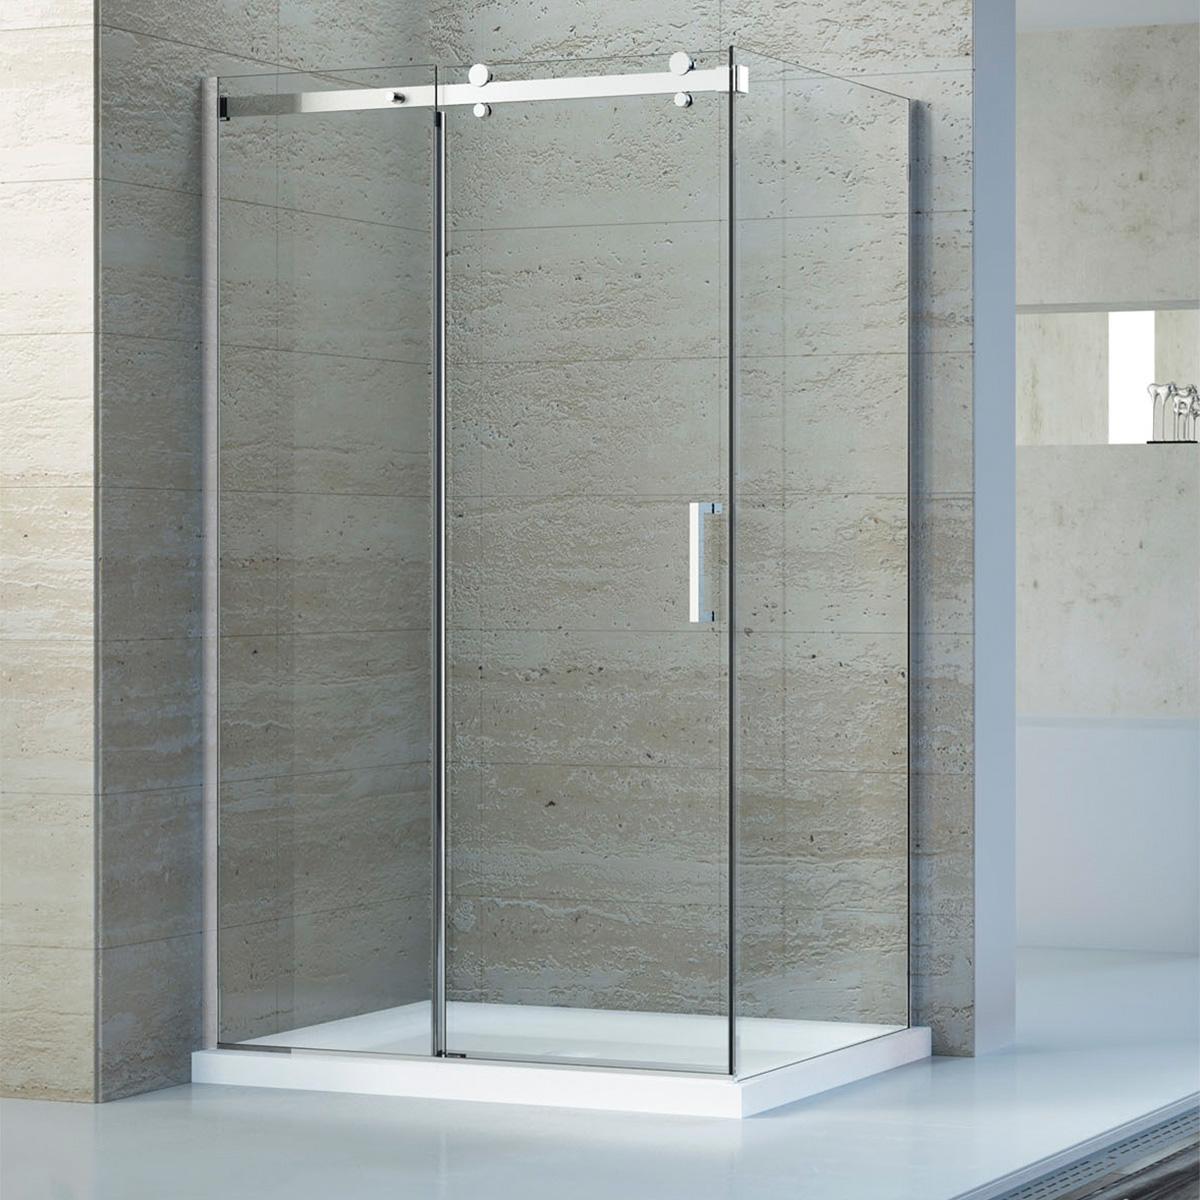 стеклянные шторы для душа фото фотографировать таких помещениях